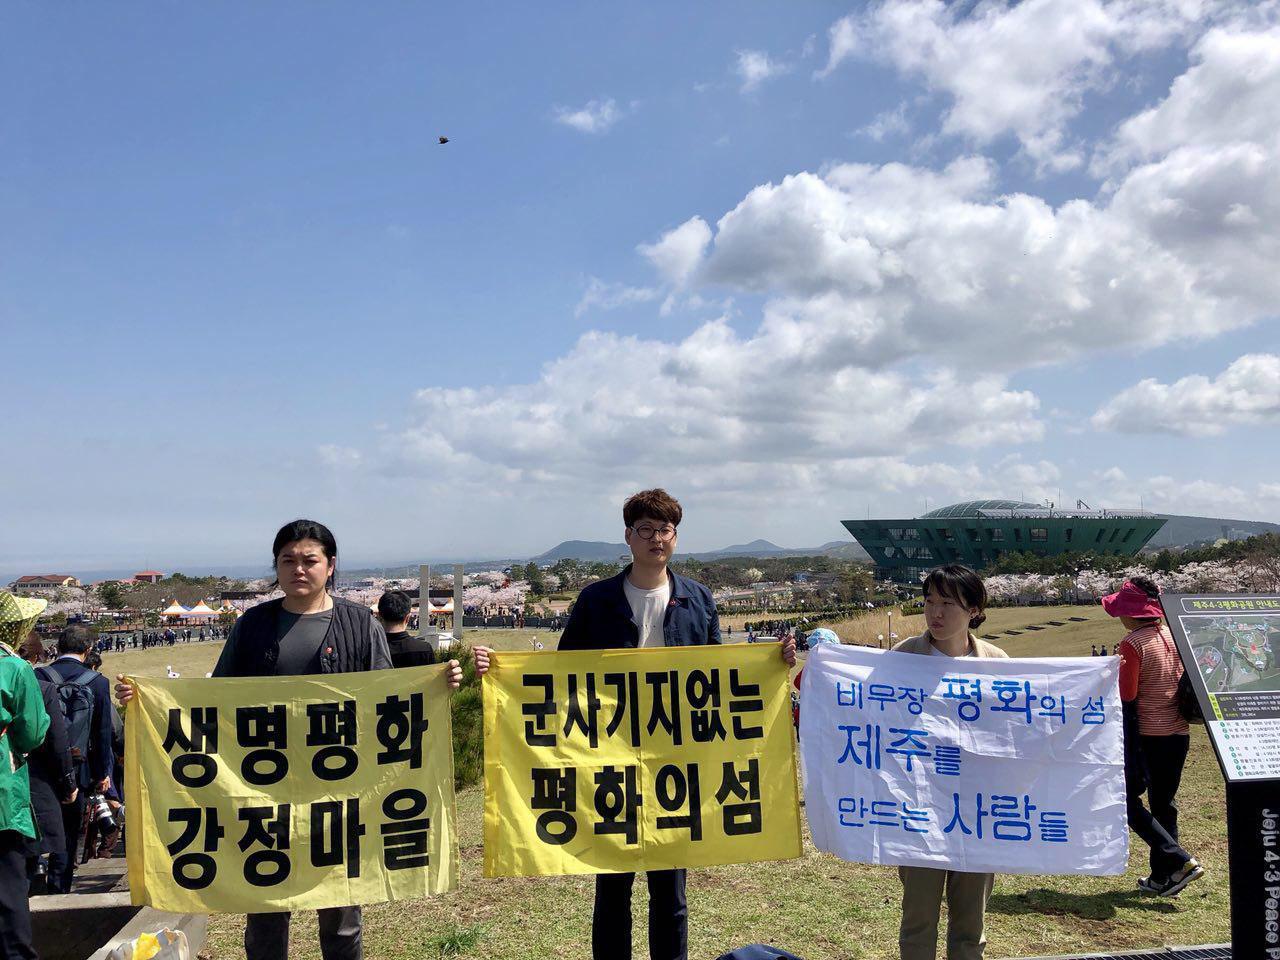 <너머>의 회원들과 강정 마을 평화 활동가들은 4.3 추념식 뒷편에서 강정의 평화를 바라는 깃발을 들고 서 있었다.